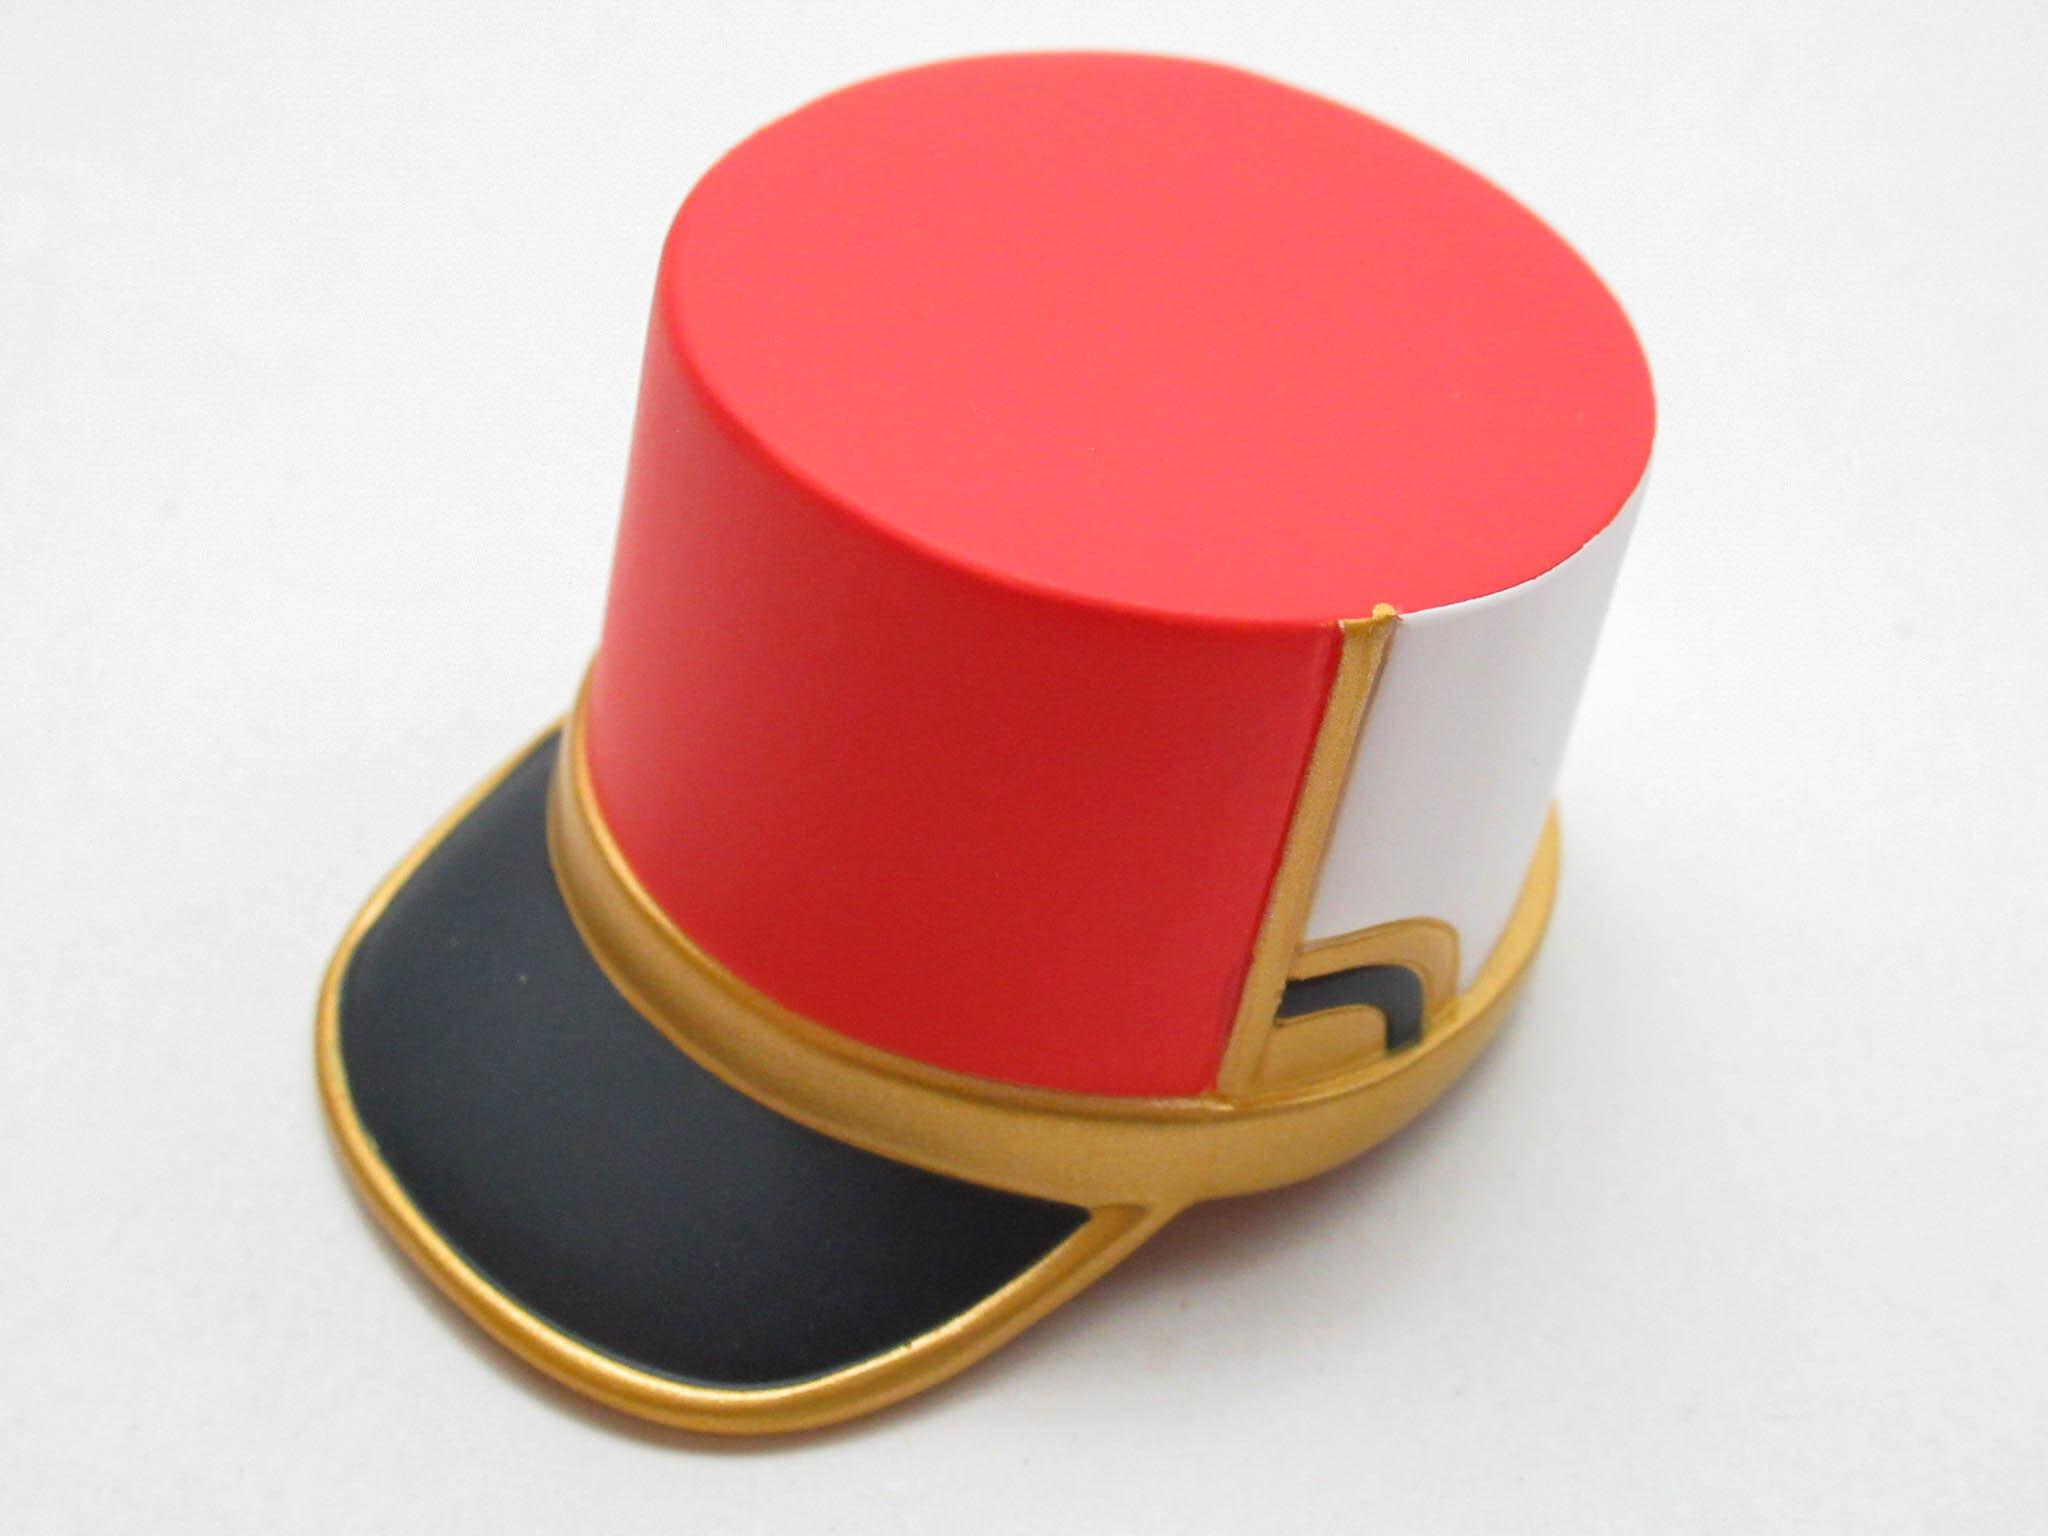 【SALE】【1340】 瀬田薫 小物パーツ 帽子 ねんどろいど